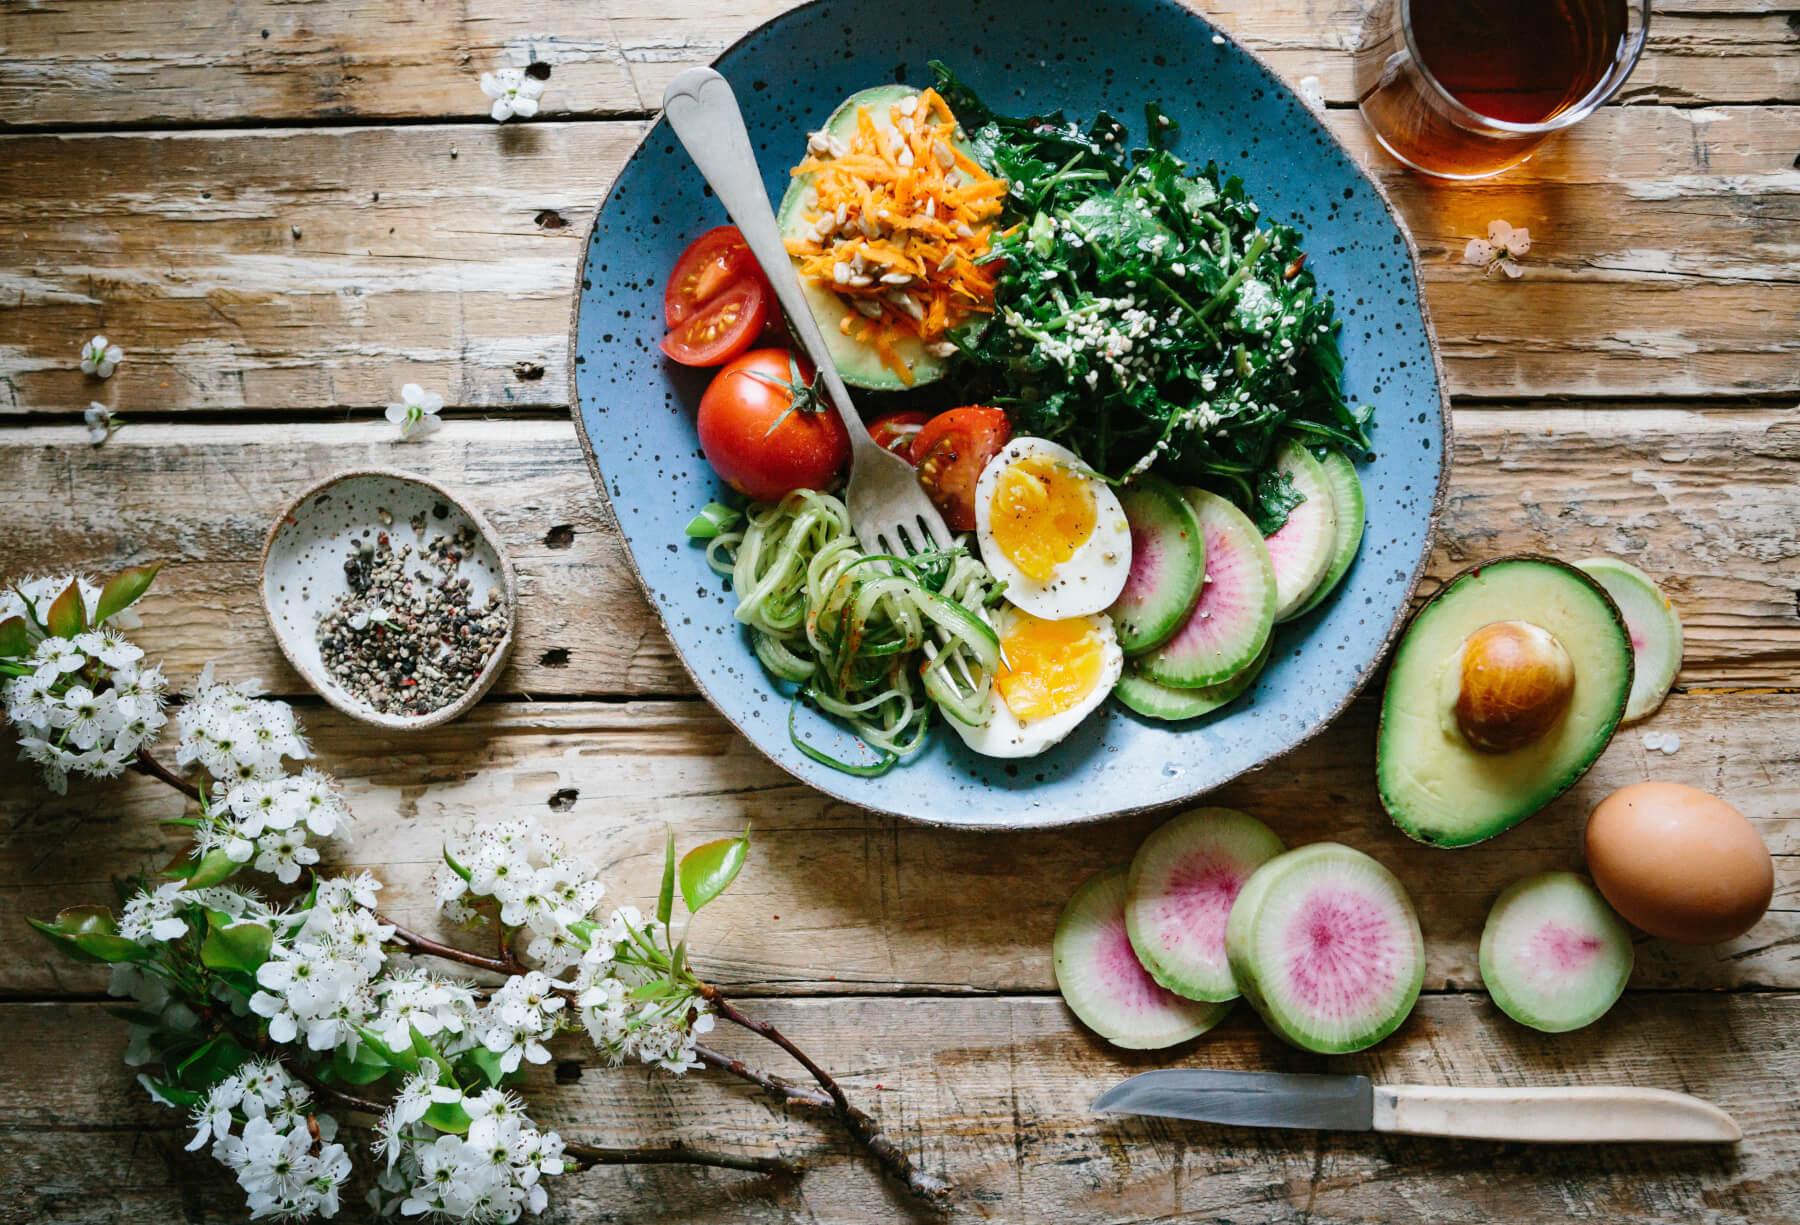 Comment réduire le gaspillage alimentaire?